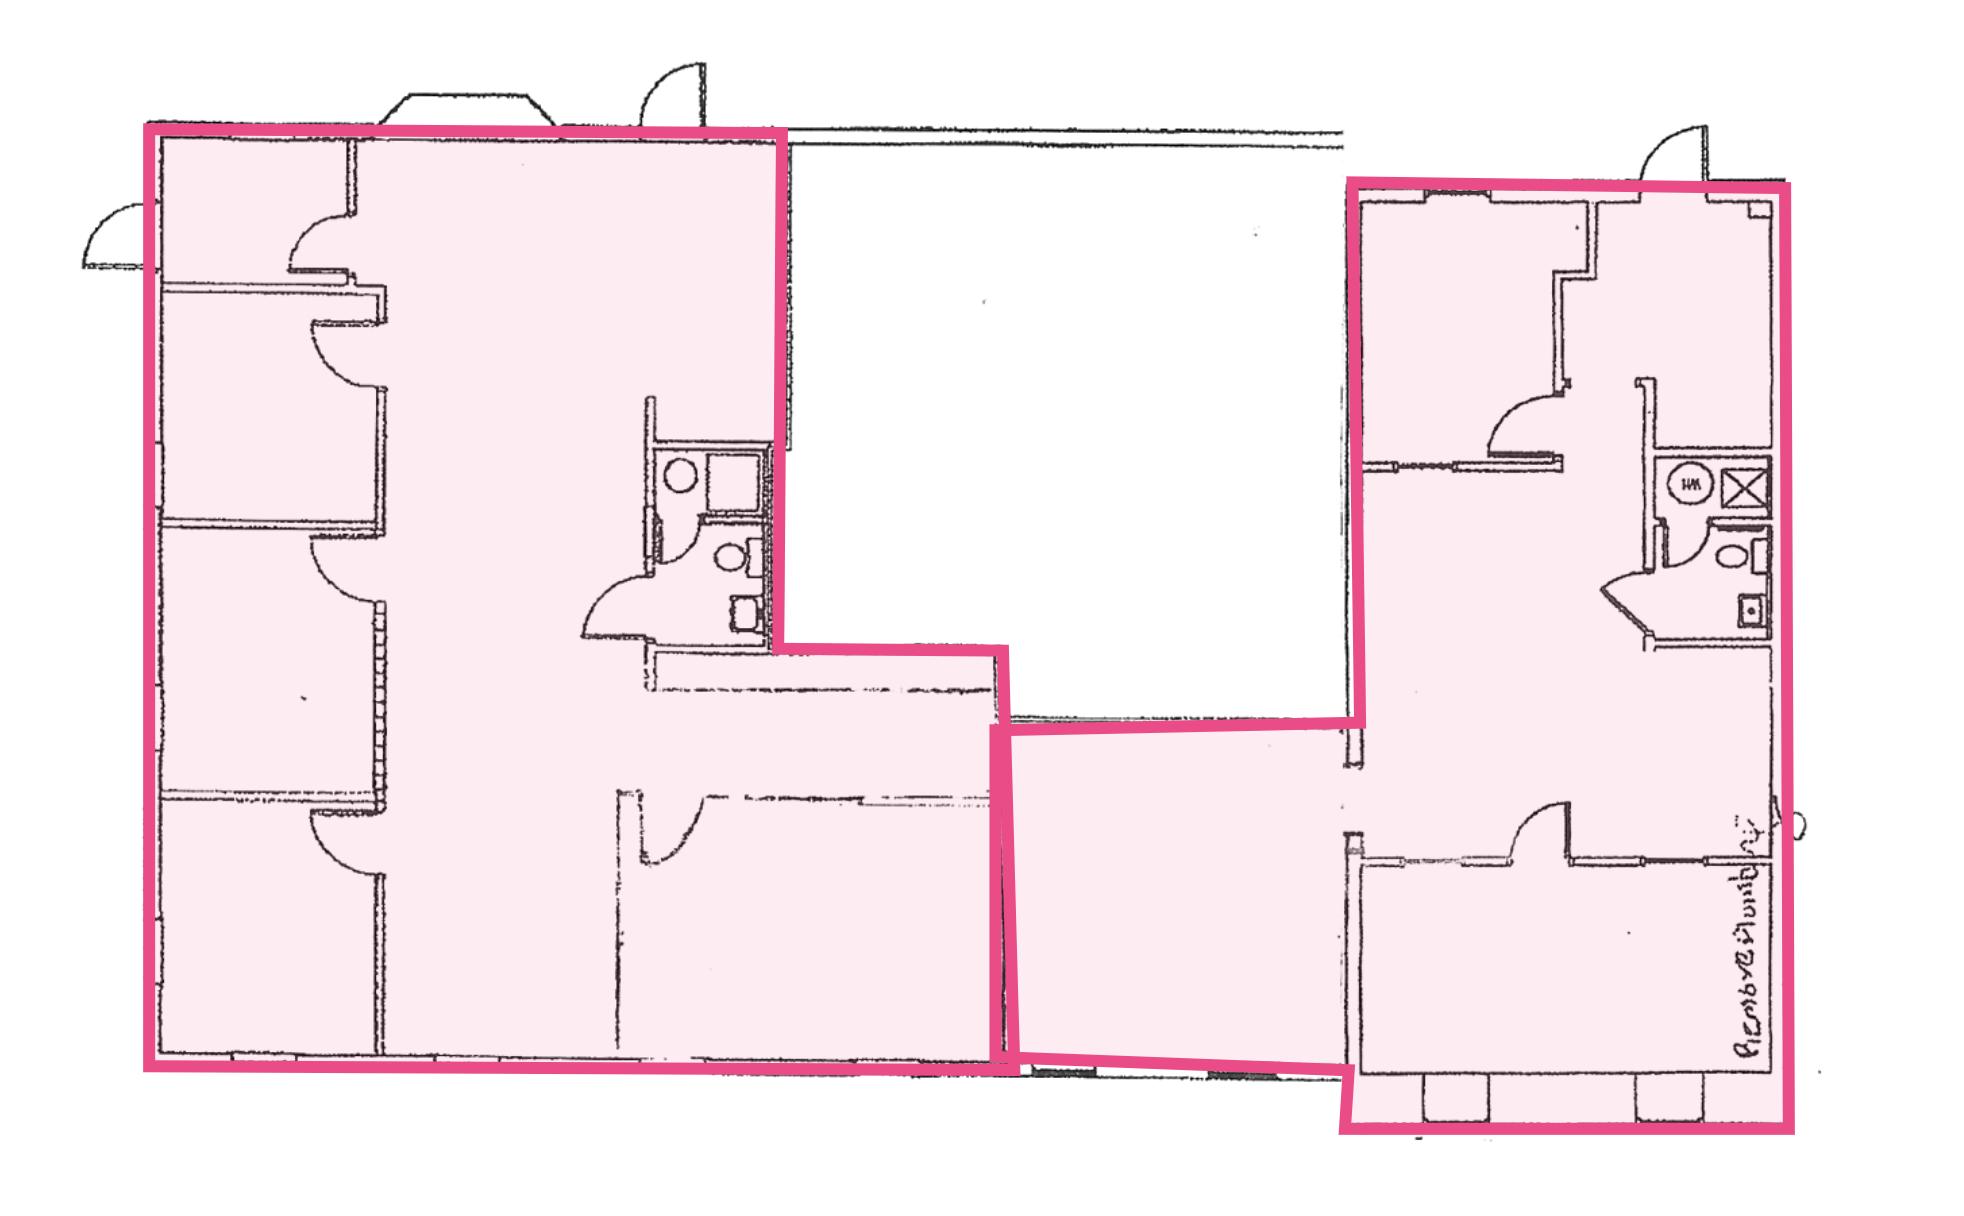 Site Planning - A 4-Tier Hierarchy - Zones